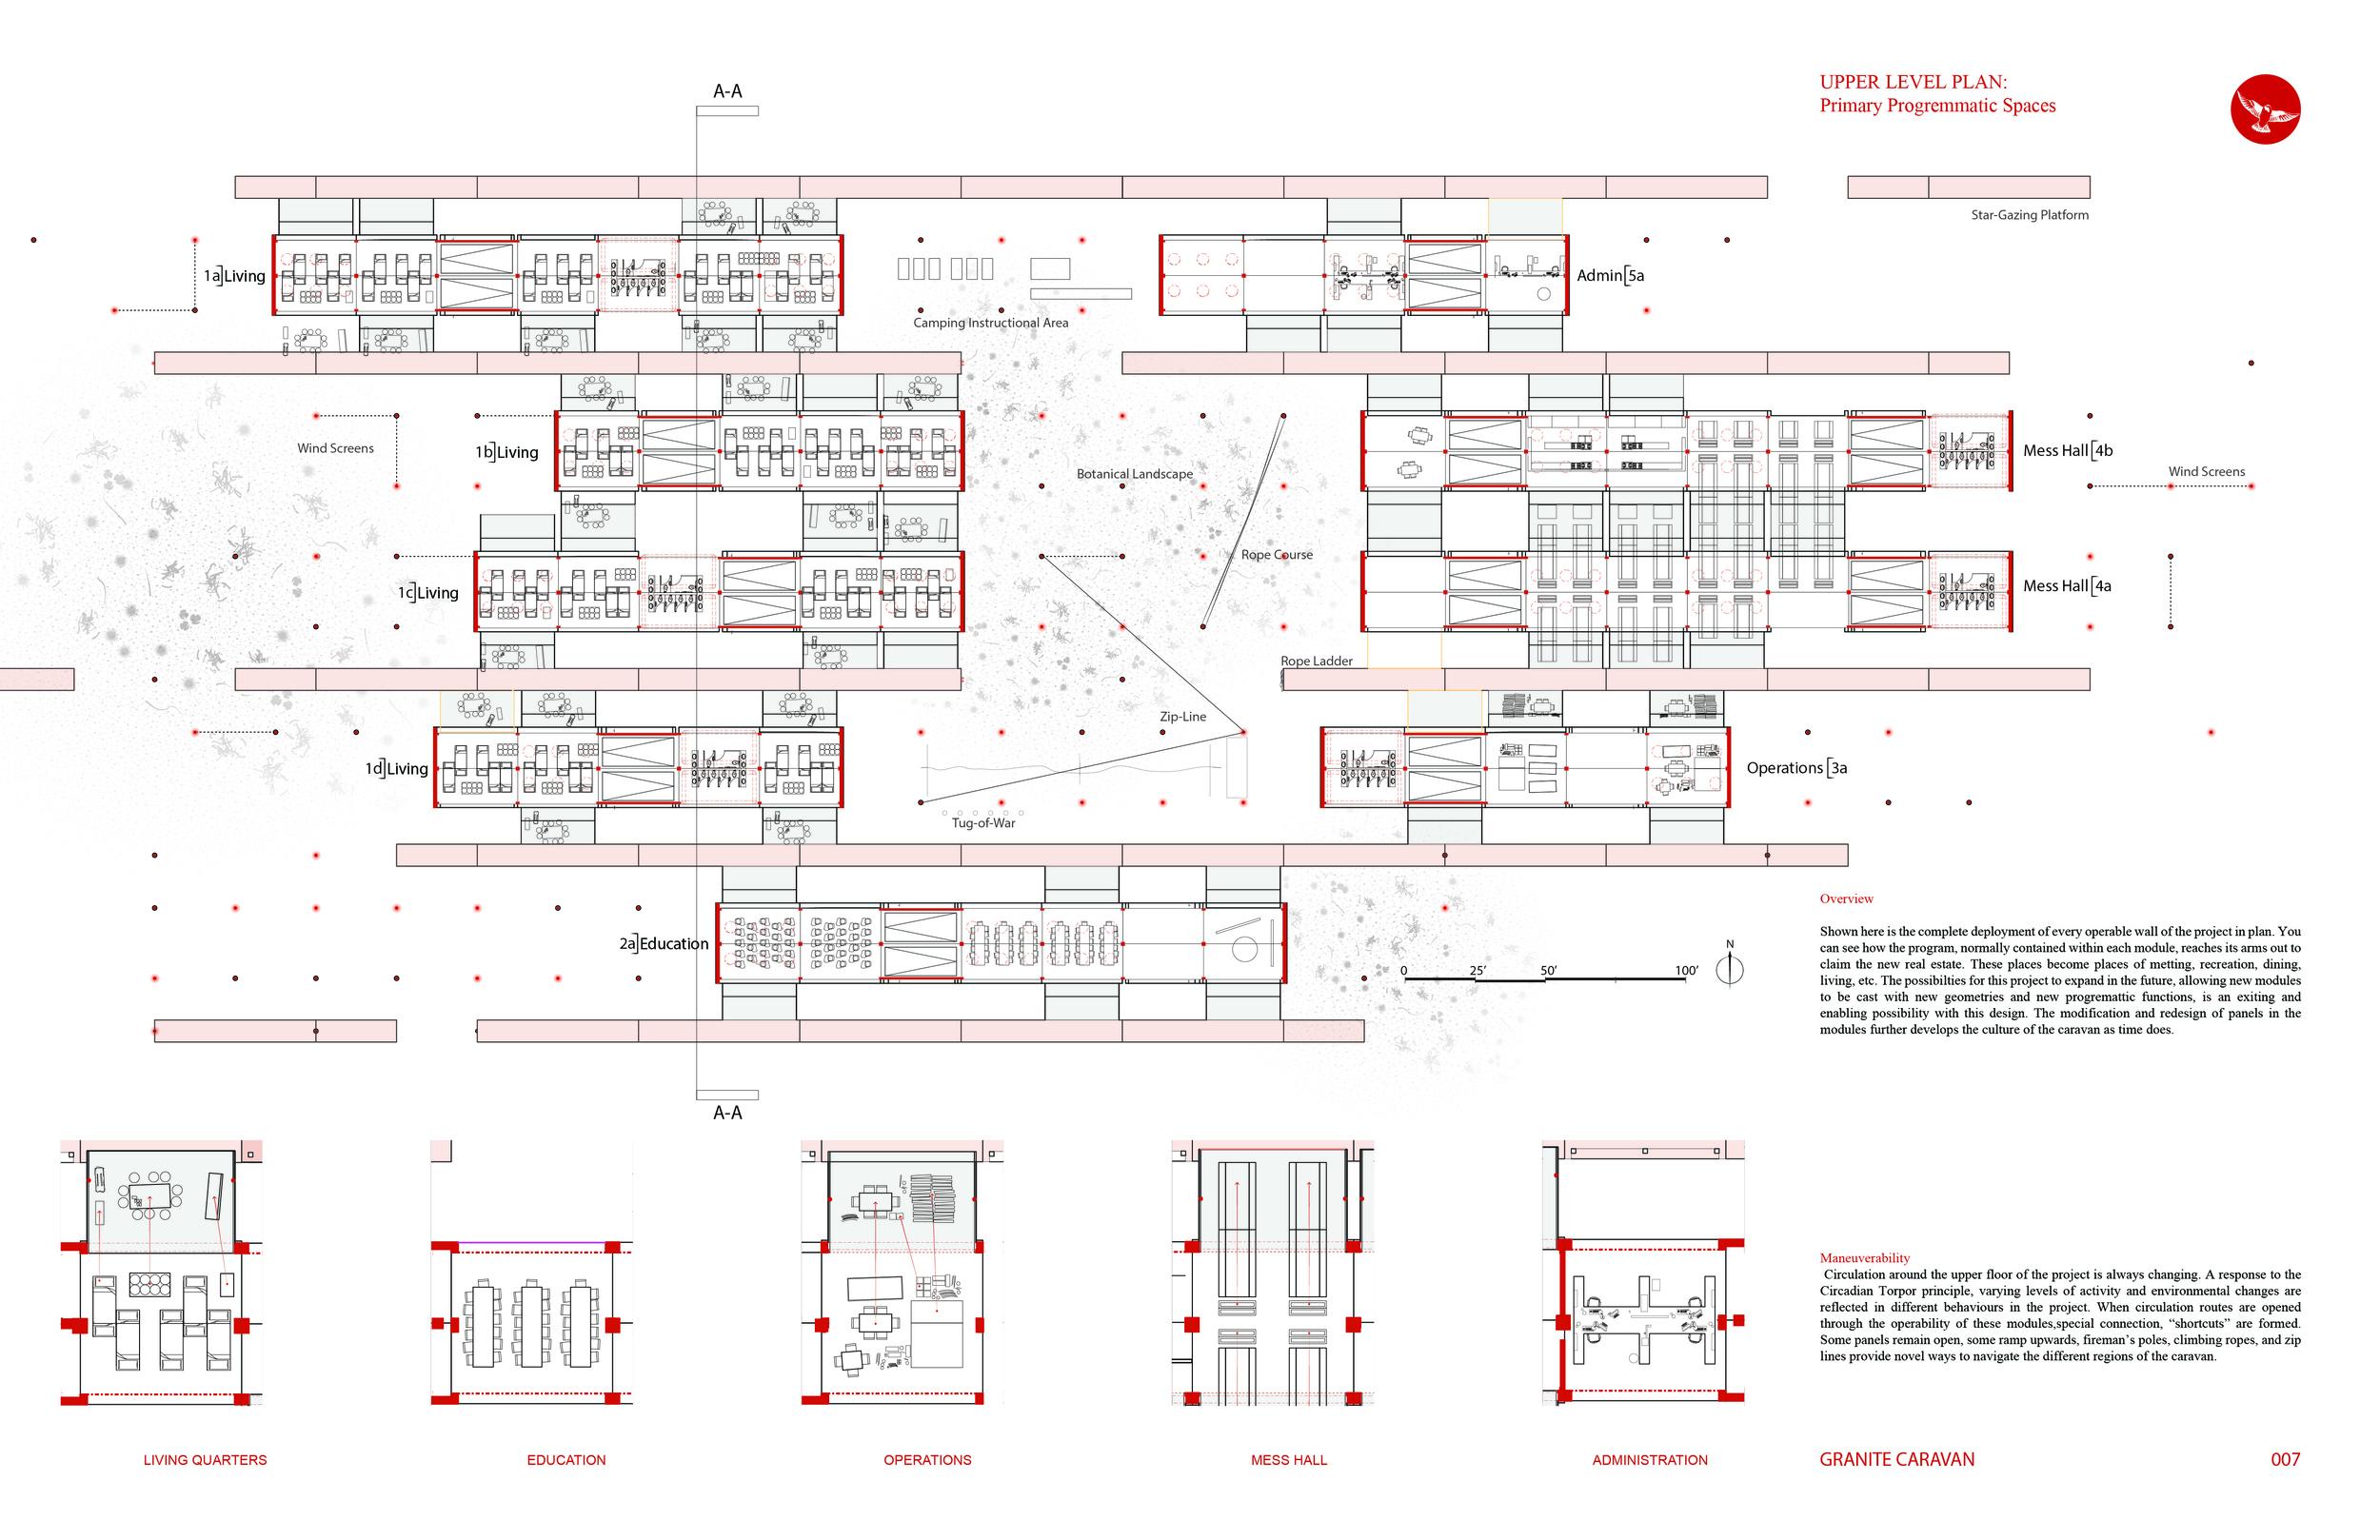 07- Upper level plan2-01.jpg